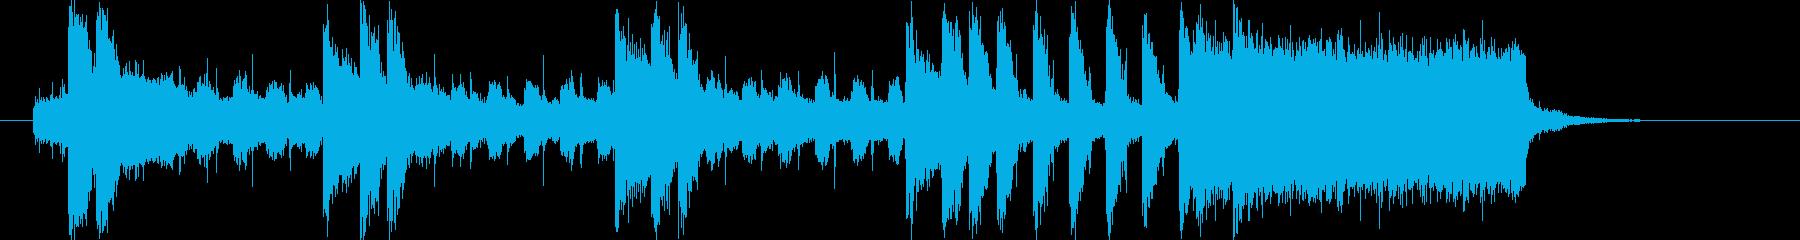 ピアノがキラキラしたJPOP風ジングルaの再生済みの波形